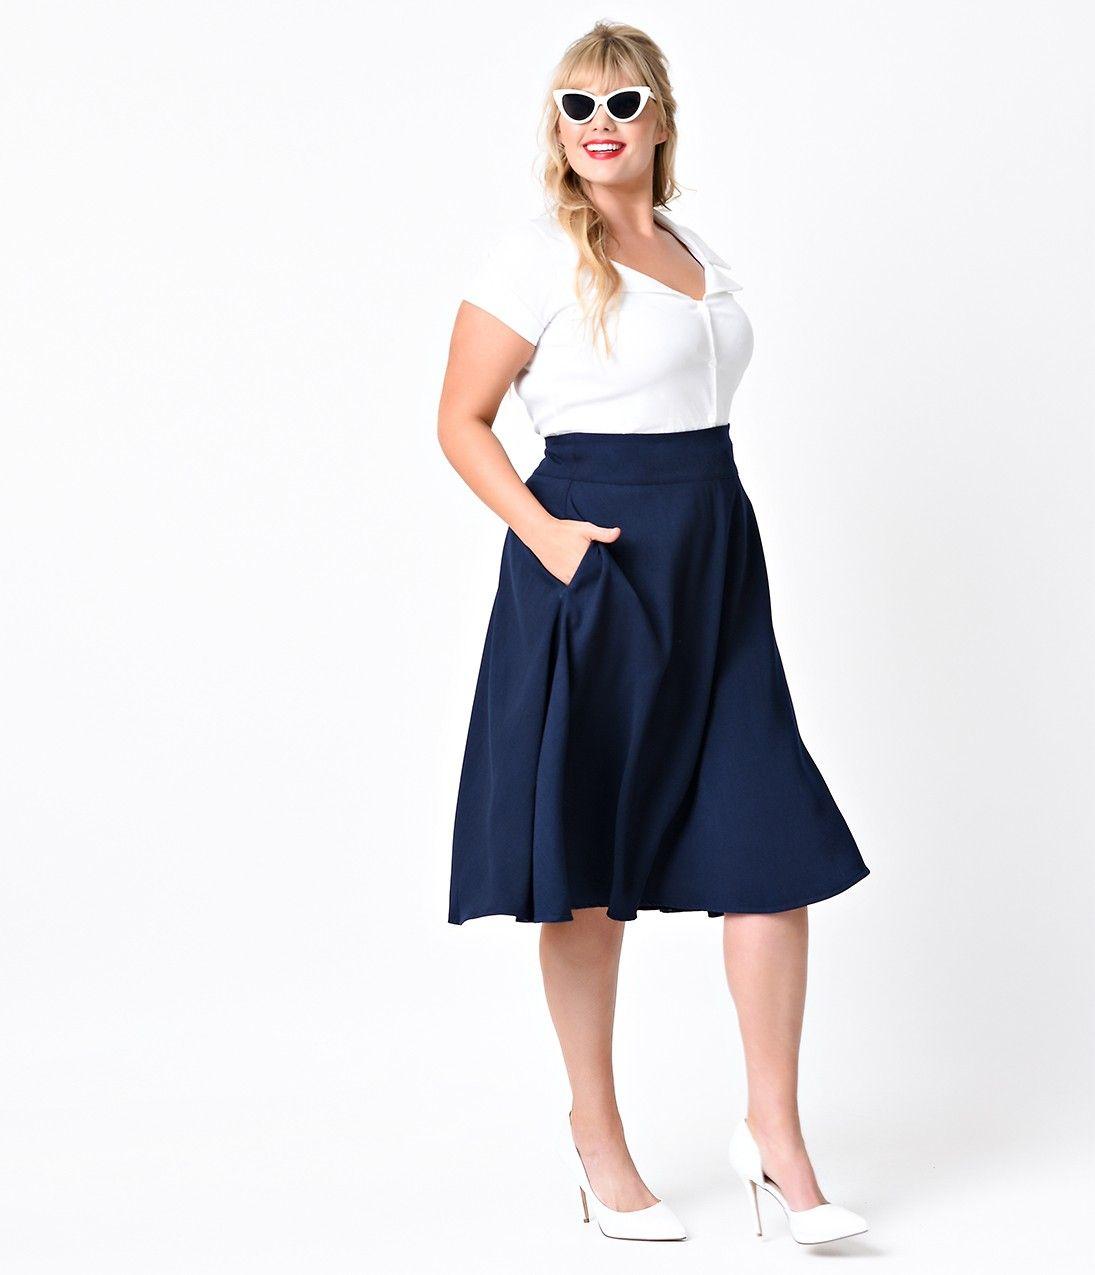 cb98d58def7 Unique Vintage Plus Size Retro Style Navy High Waist Vivien Swing Skirt